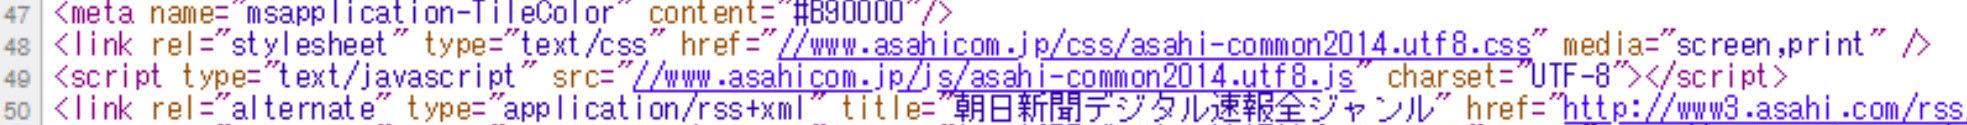 http://livedoor.blogimg.jp/gensen_2ch/imgs/d/b/dbc13f9d.png